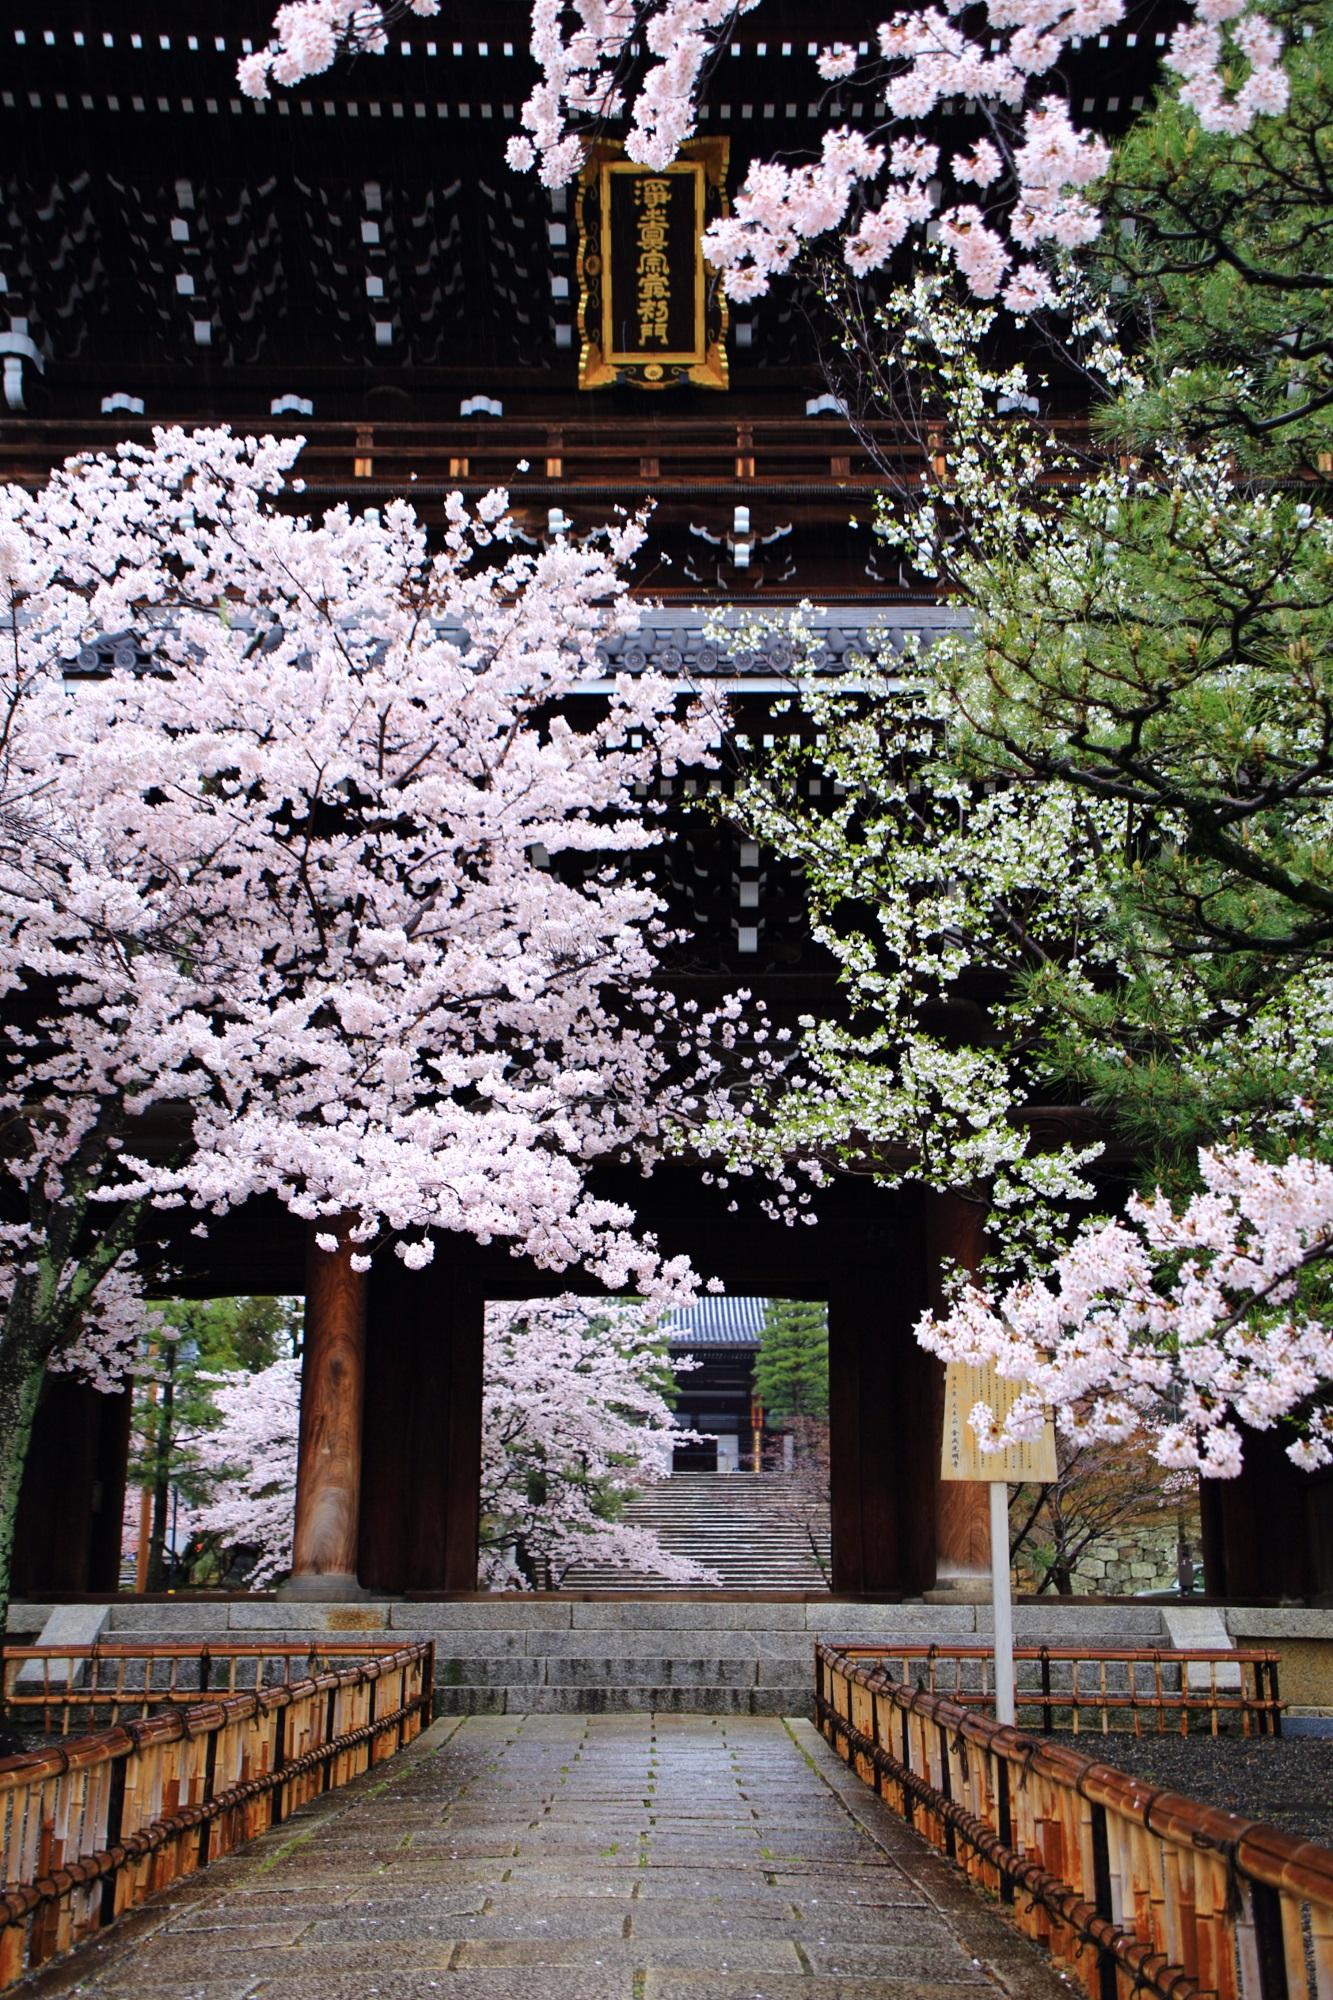 金戒光明寺の素晴らしい桜と春の情景